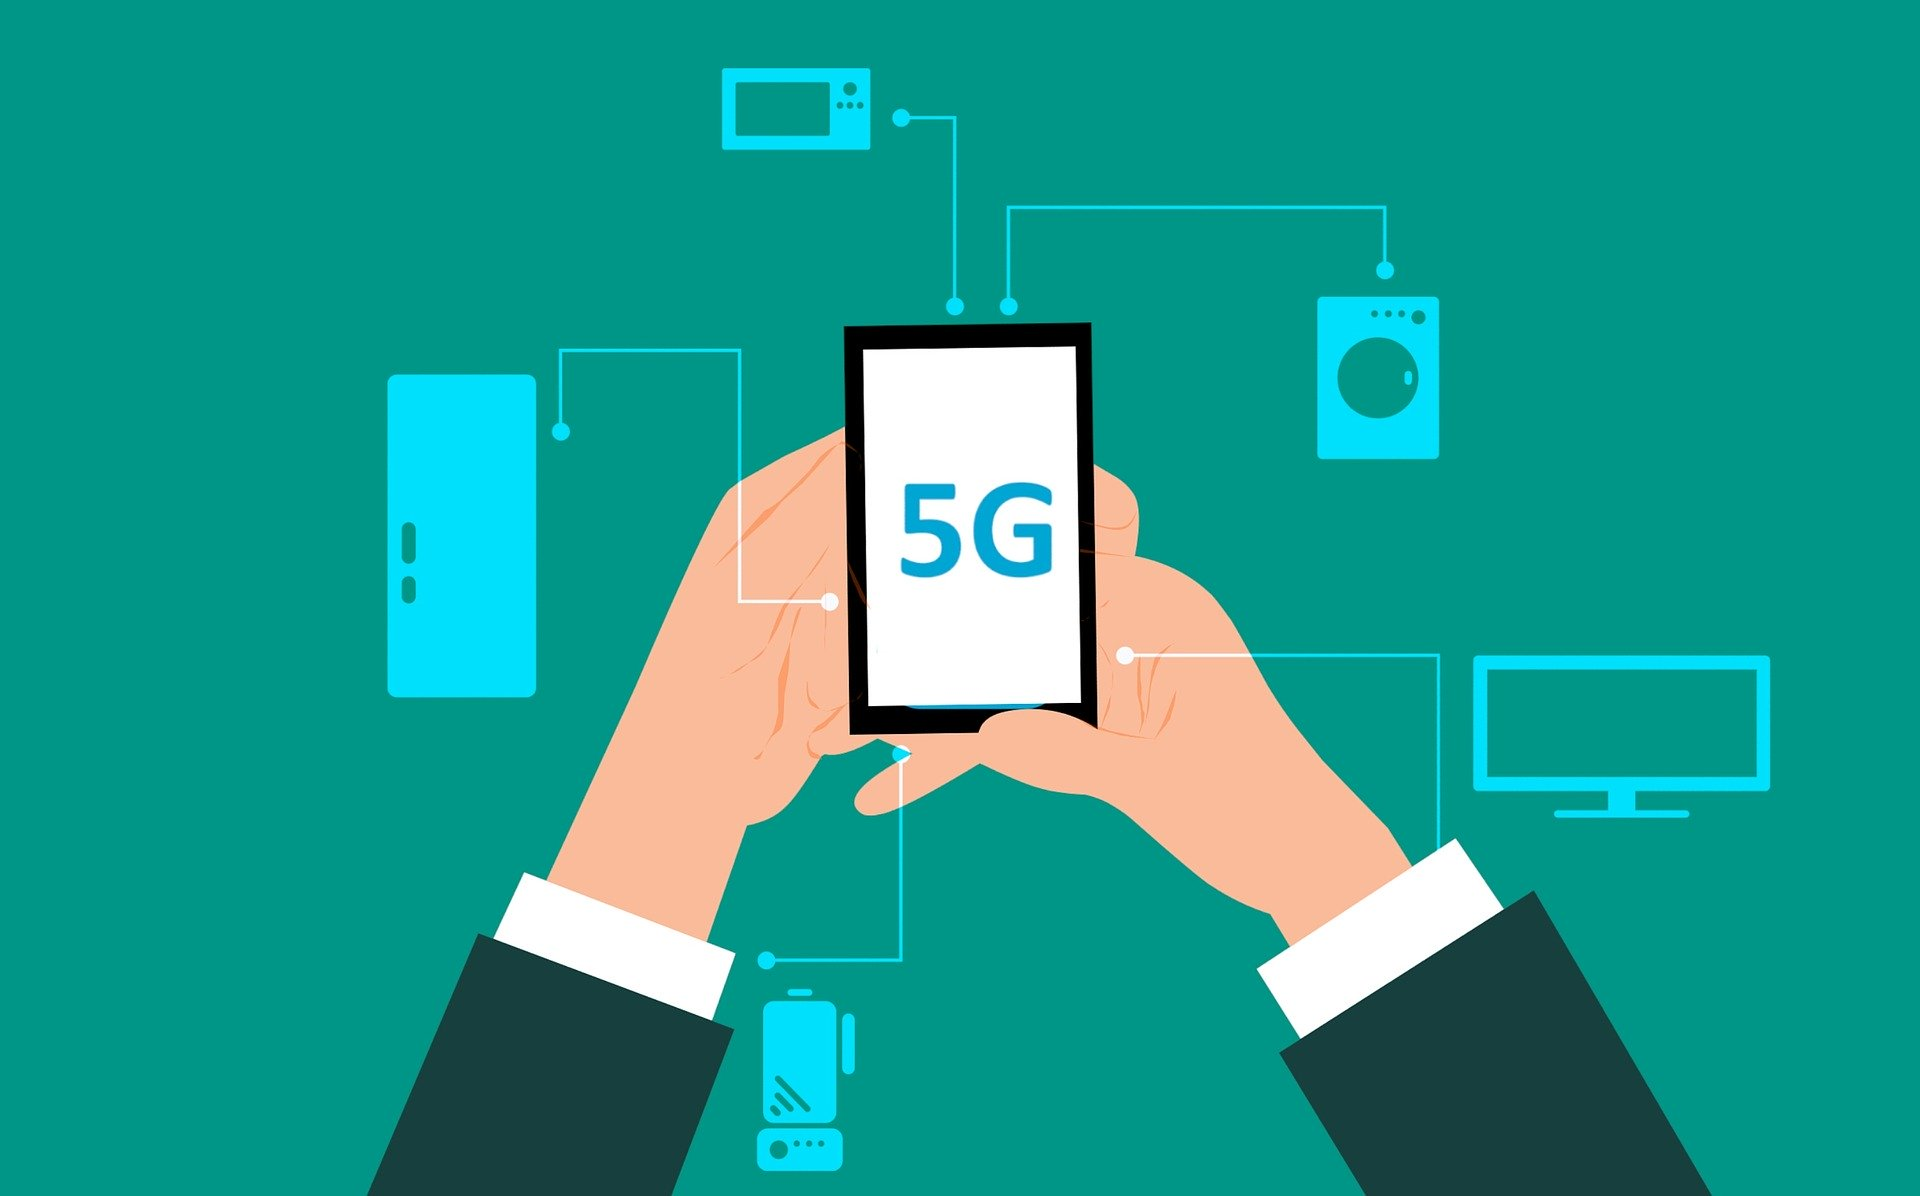 いよいよサービス開始「5G」で何が変わる?今は買い? 3